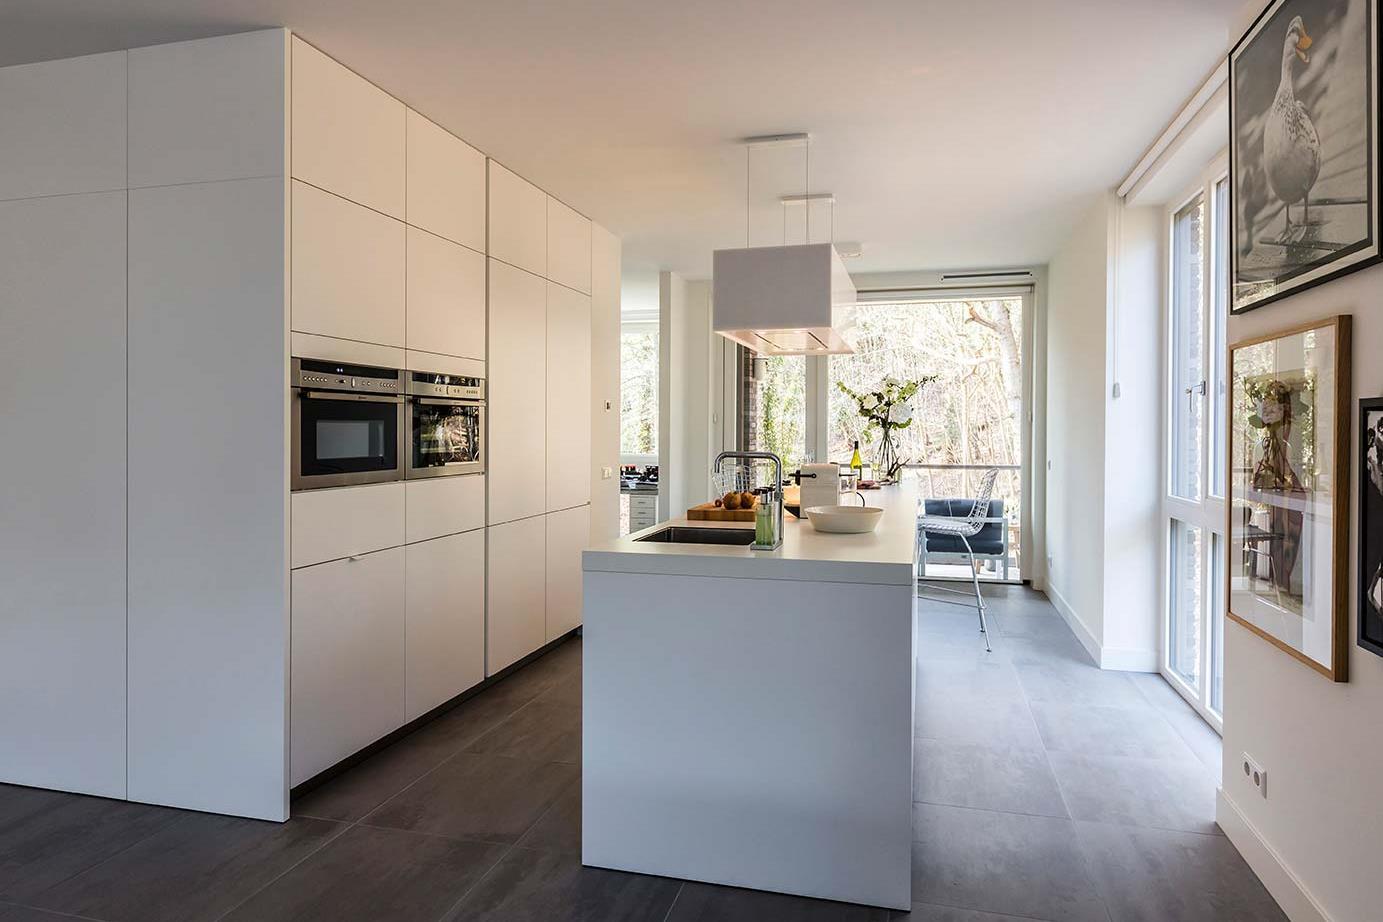 Luxe Design Keuken : Luxe keukens excellentic of op maat arma